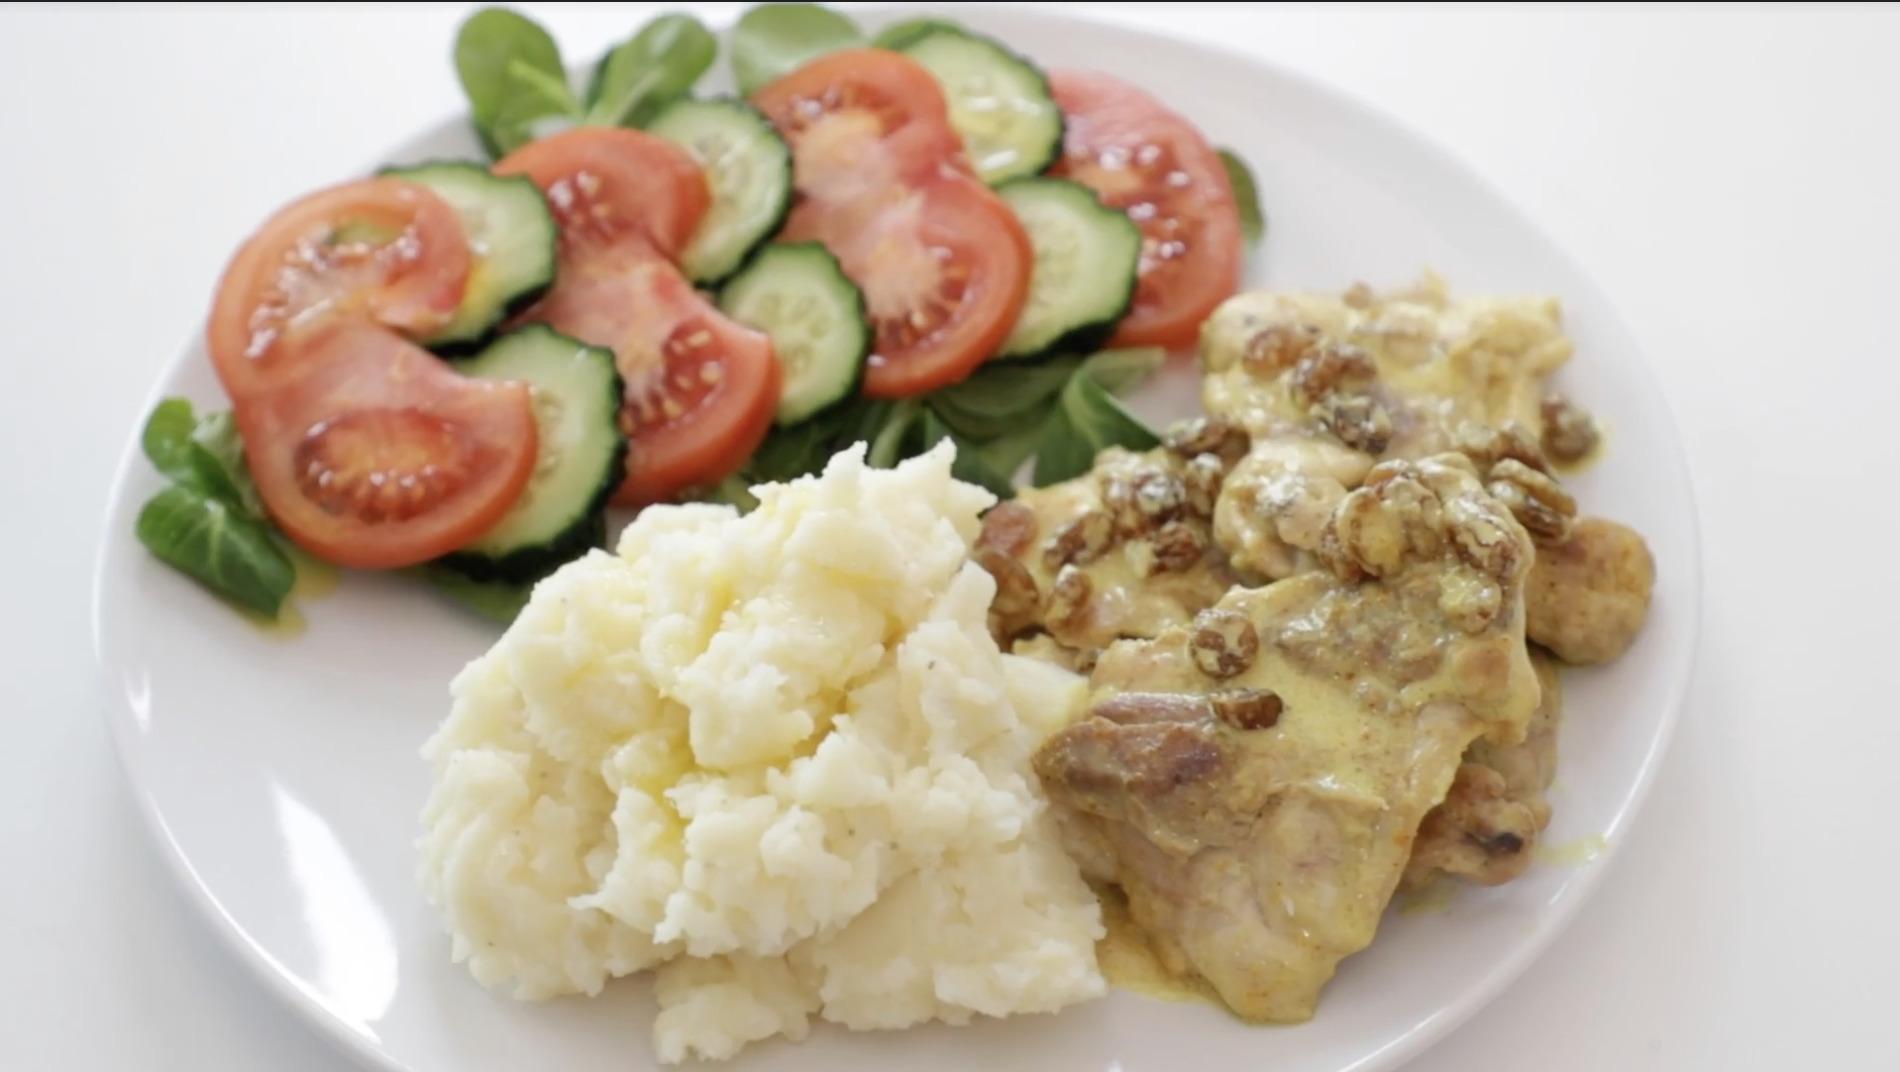 resultado final receta hiperproteica pollo curry